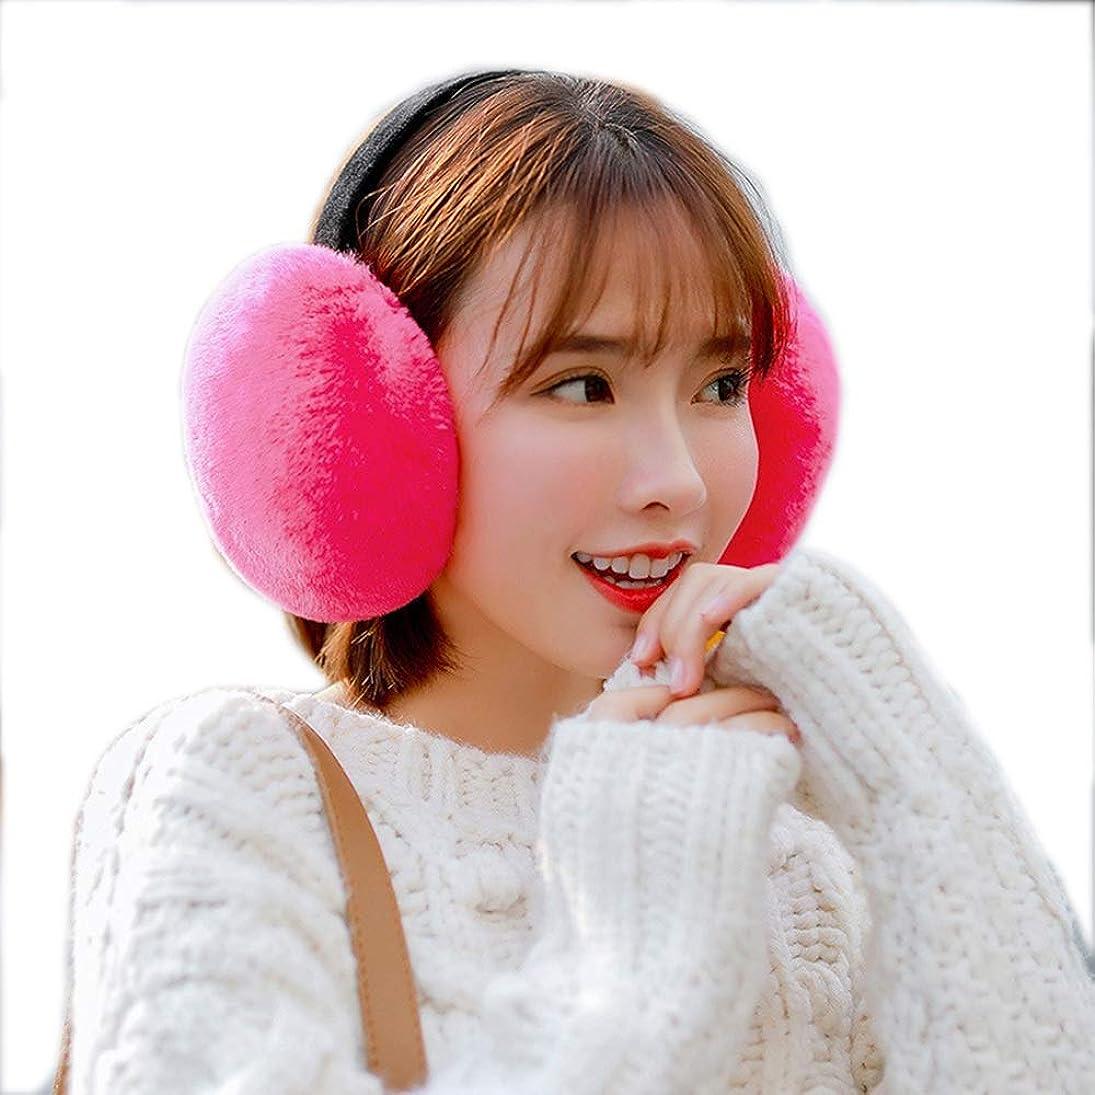 そこお気に入り犯人おしゃれスカーフ イヤーマフ女性の冬暖かいイヤーマフ厚く調節可能な豪華な耳のカバーは耳を暖かく保ちます ソフトスカーフ ファッション